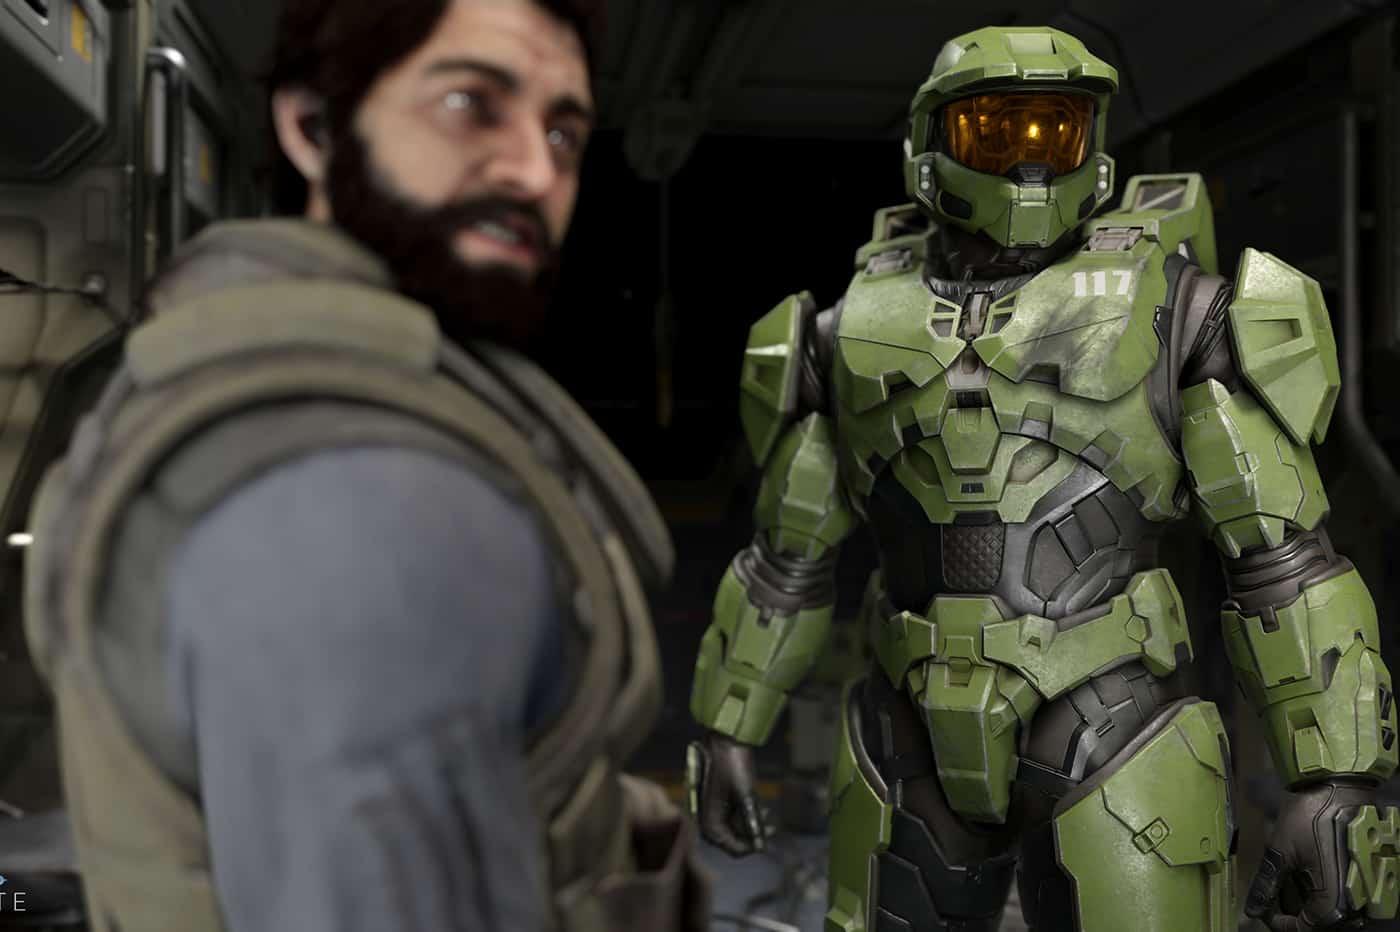 Les nouvelles aventures de Major seront disponible pour la fin de l'année 2021 sur Halo Infinite